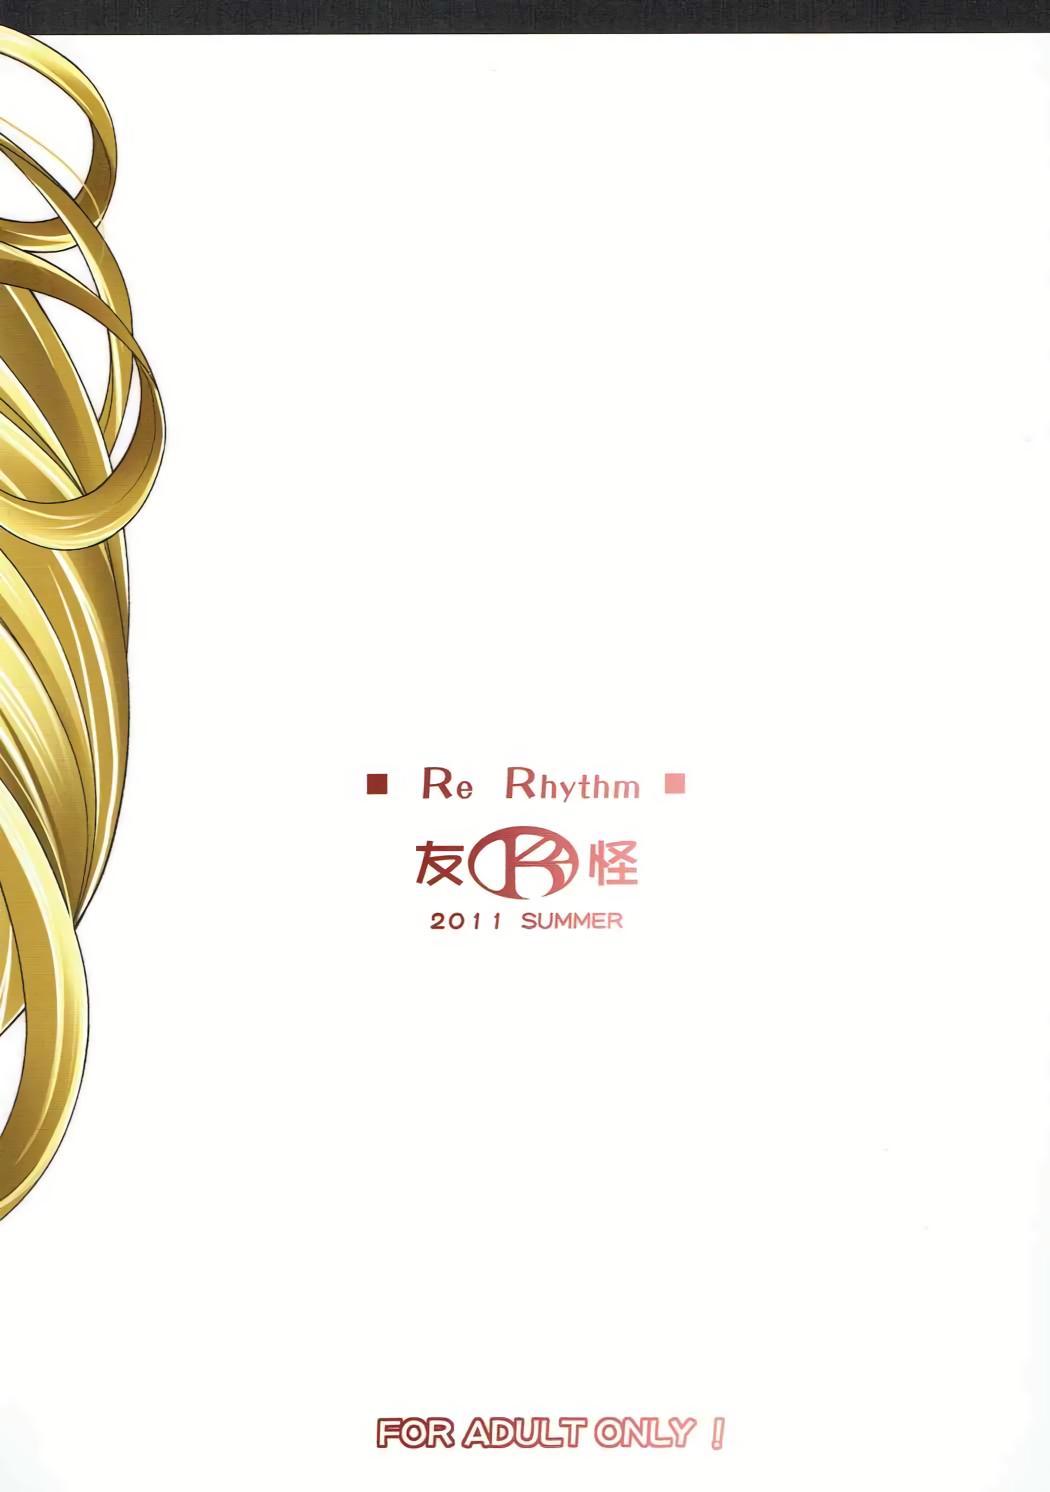 Re Rhythm 21